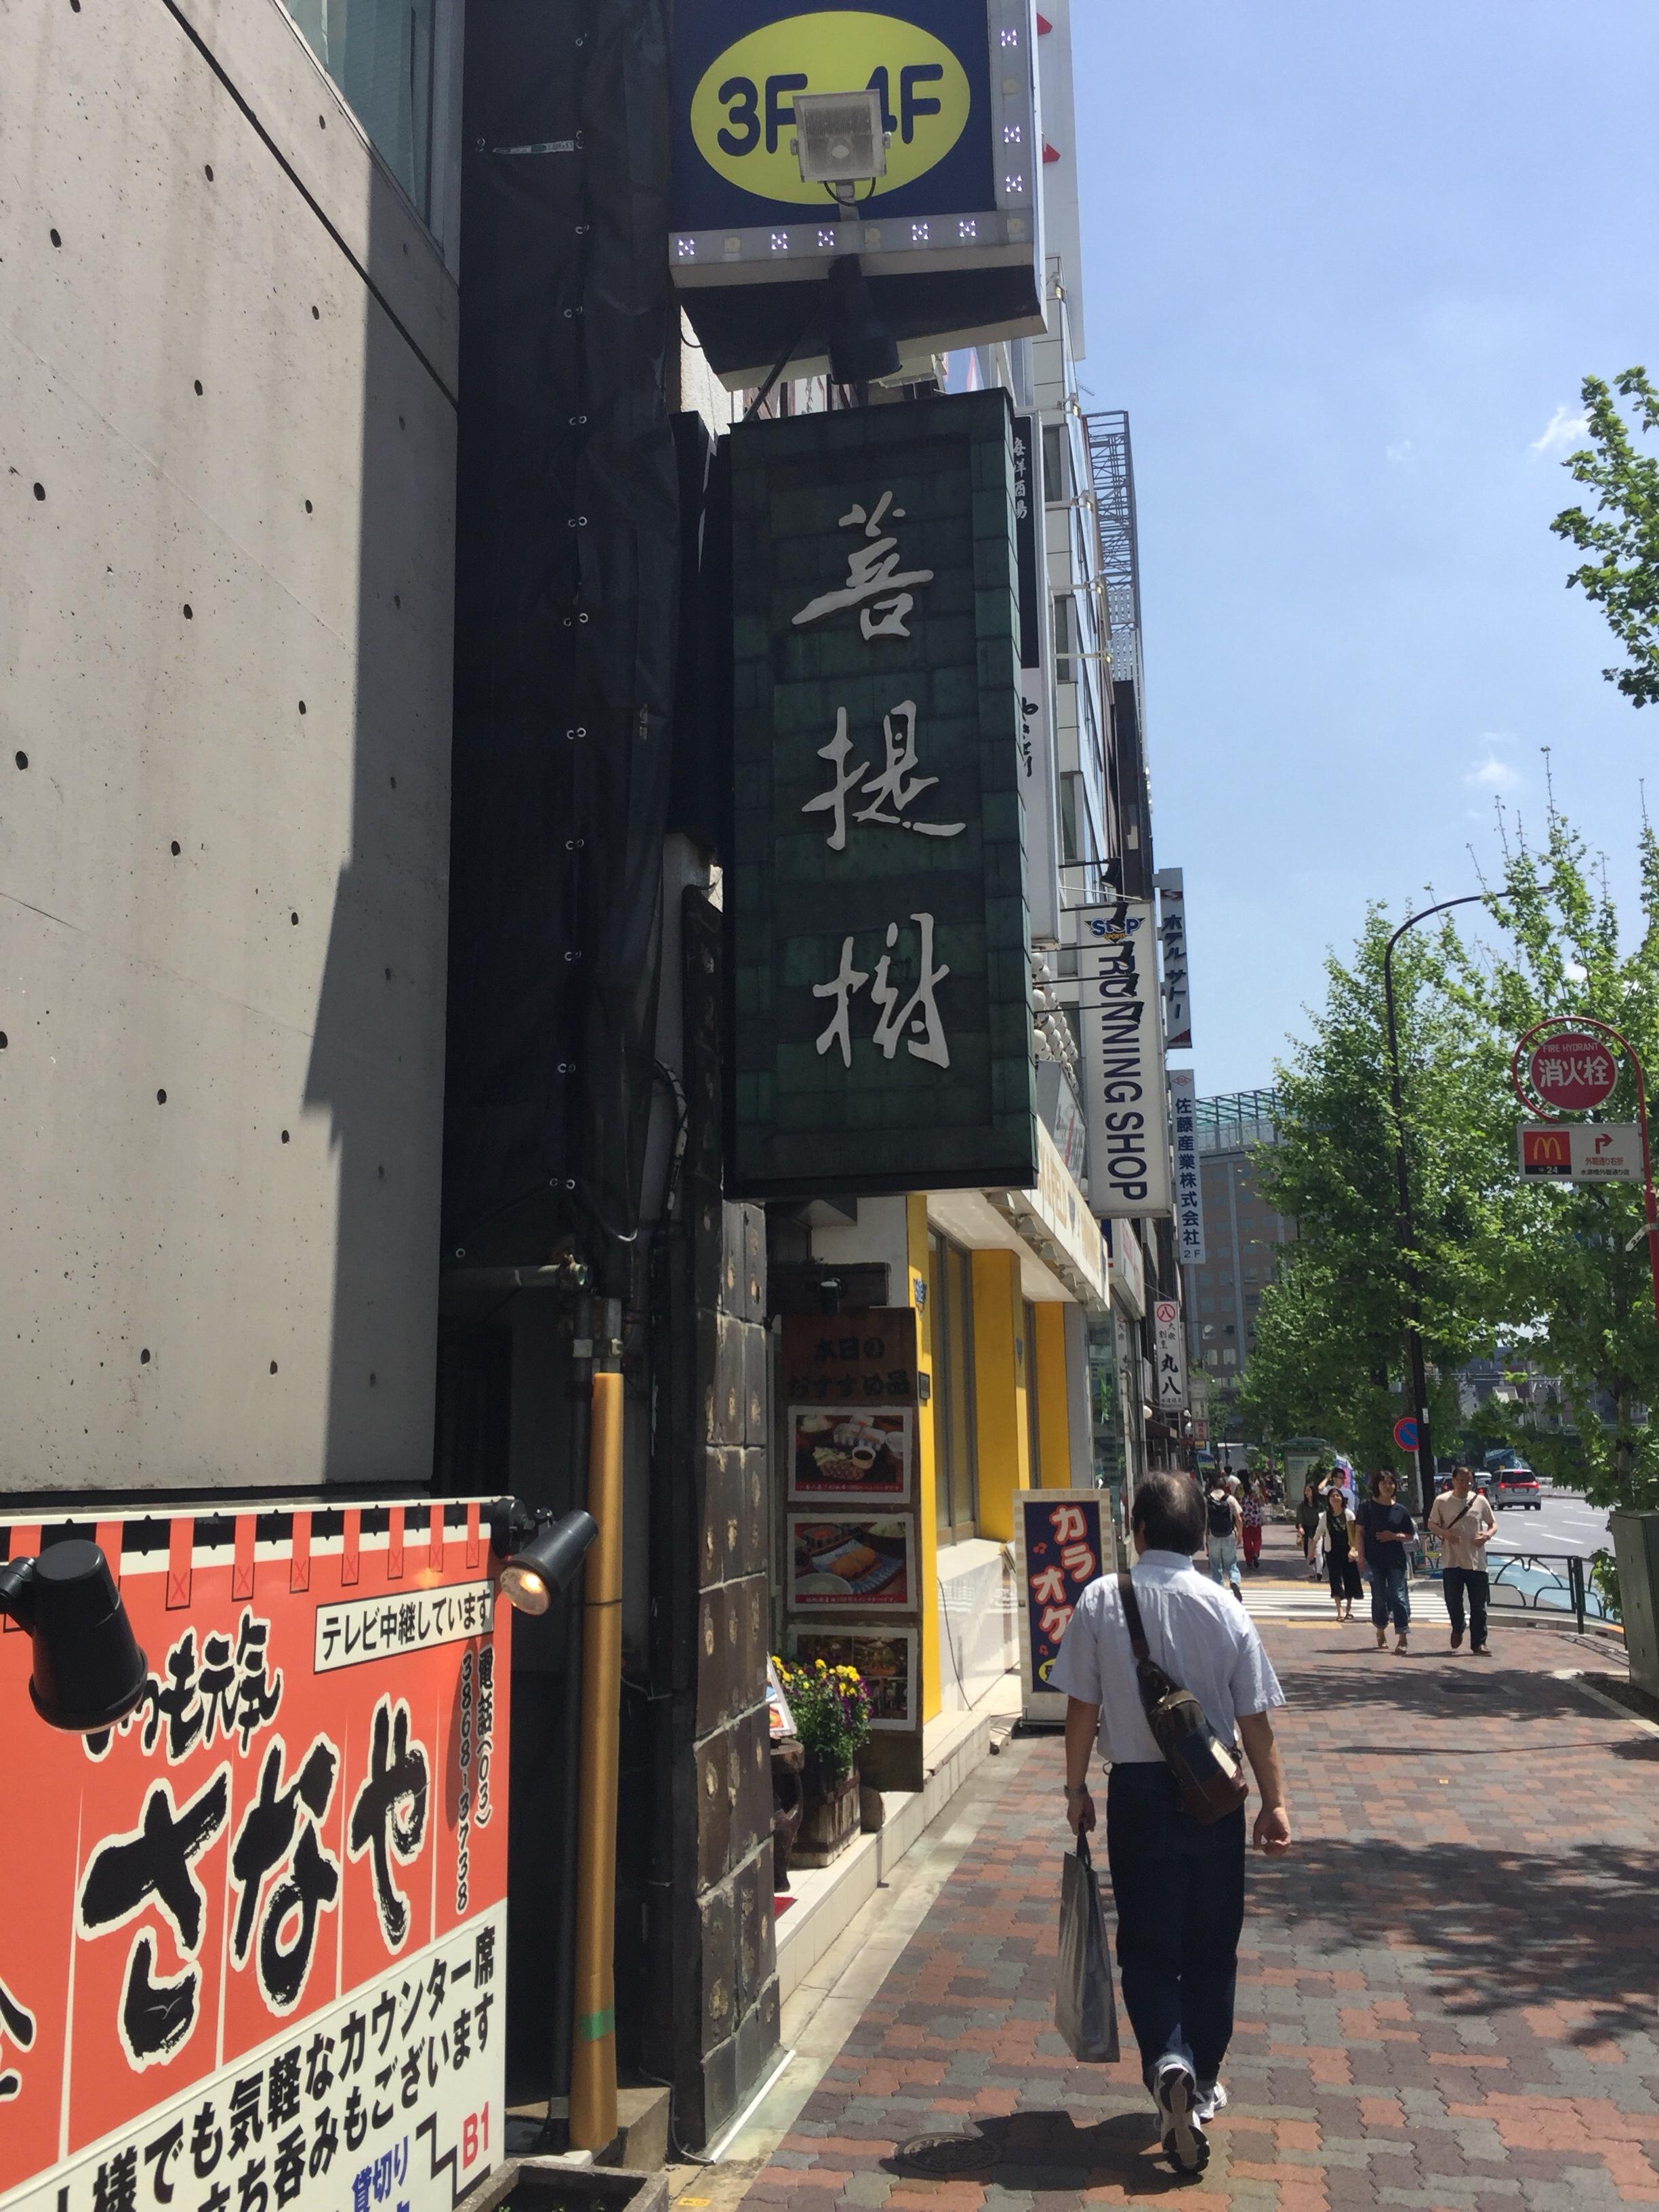 【水道橋】東京ドームシティ前の子連れ歓迎の特大エビフライに和牛ハンバーグとんかつが美味しい「菩提樹」